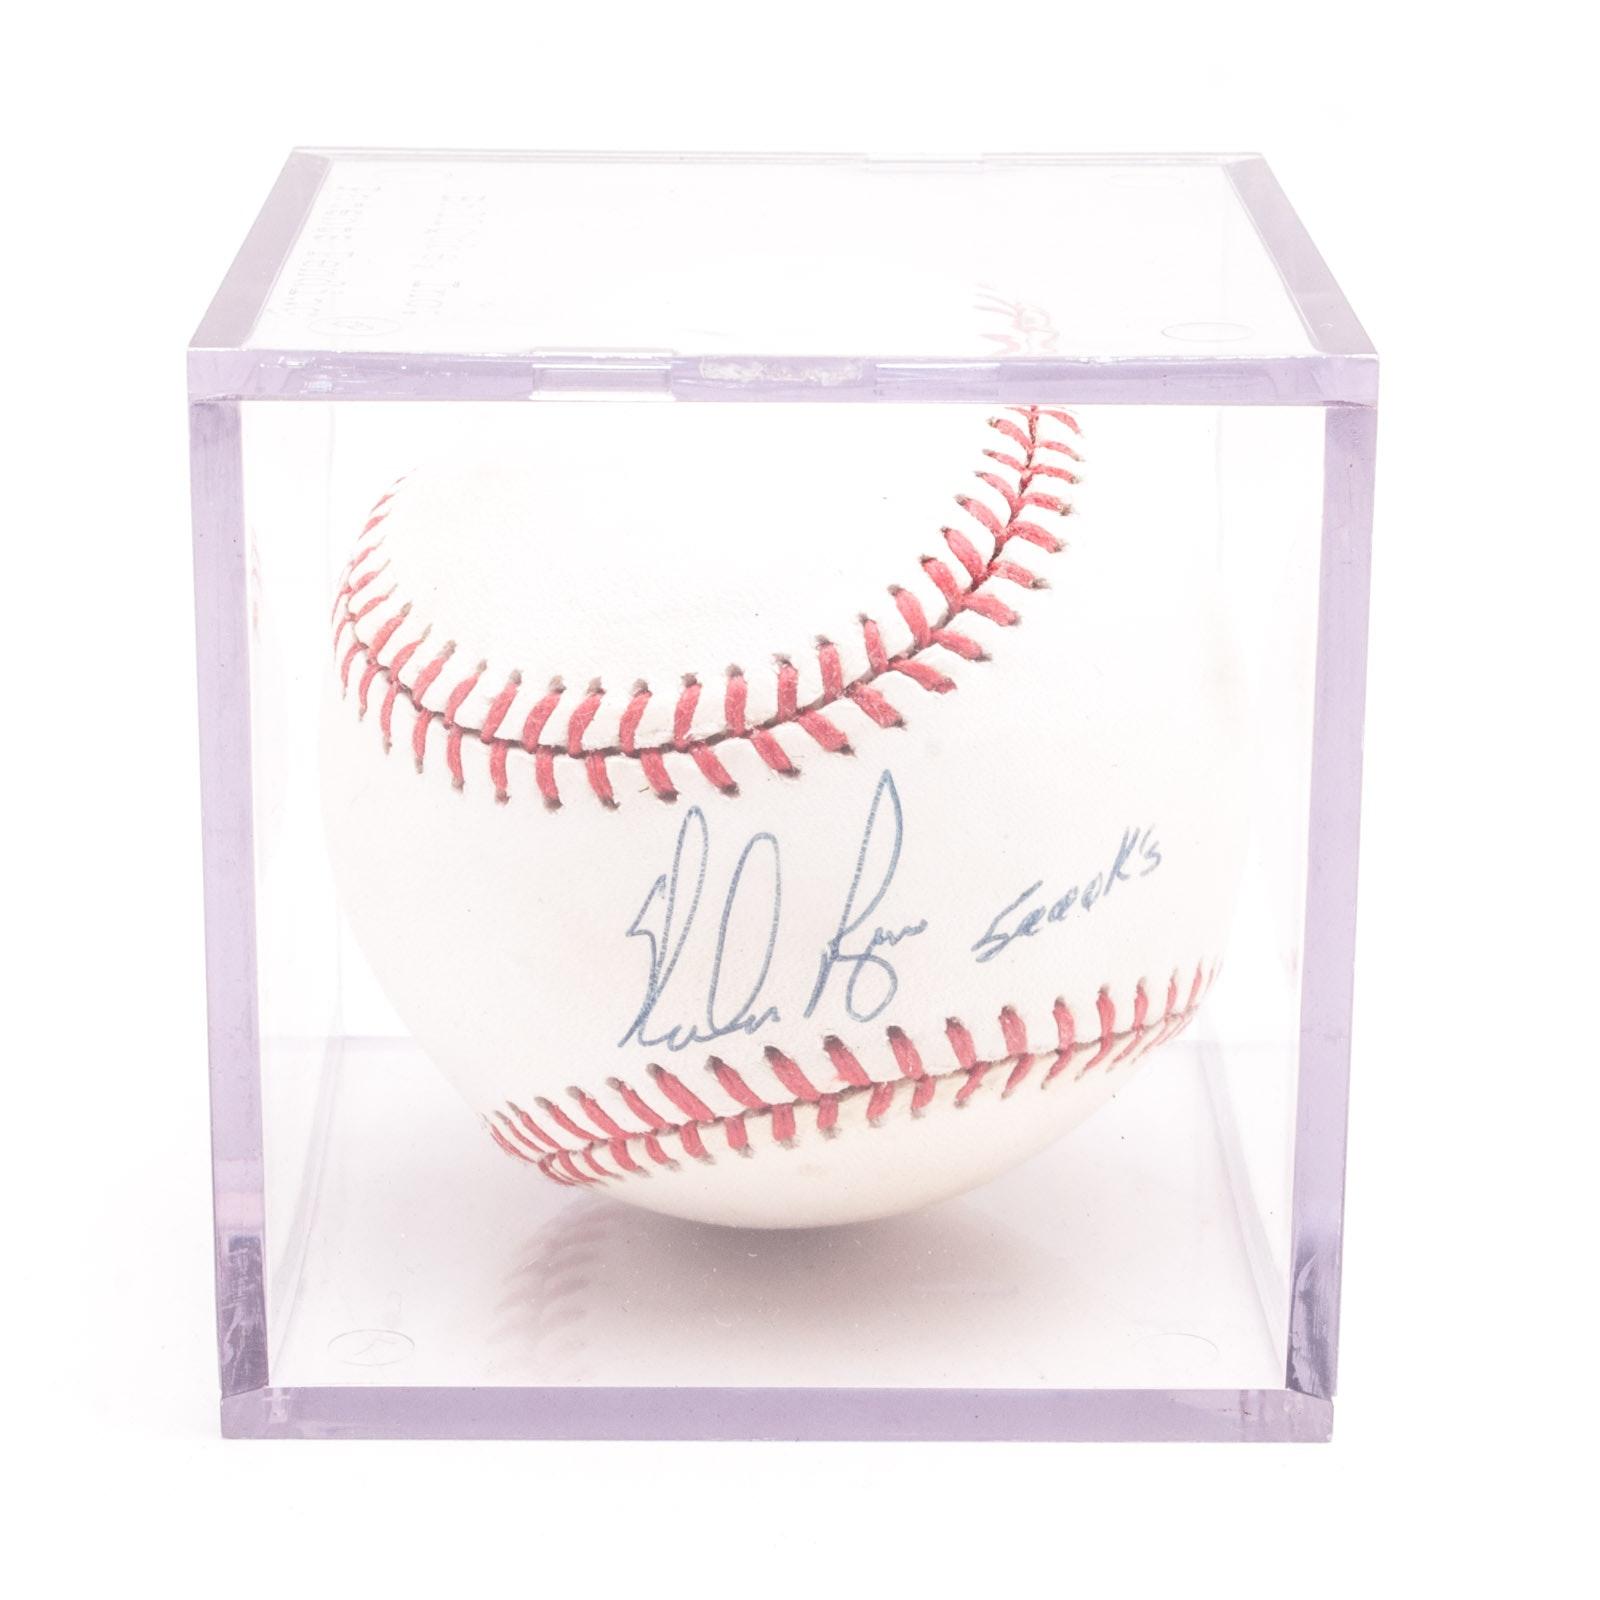 Nolan Ryan Signed and Inscribed Baseball  Visual COA